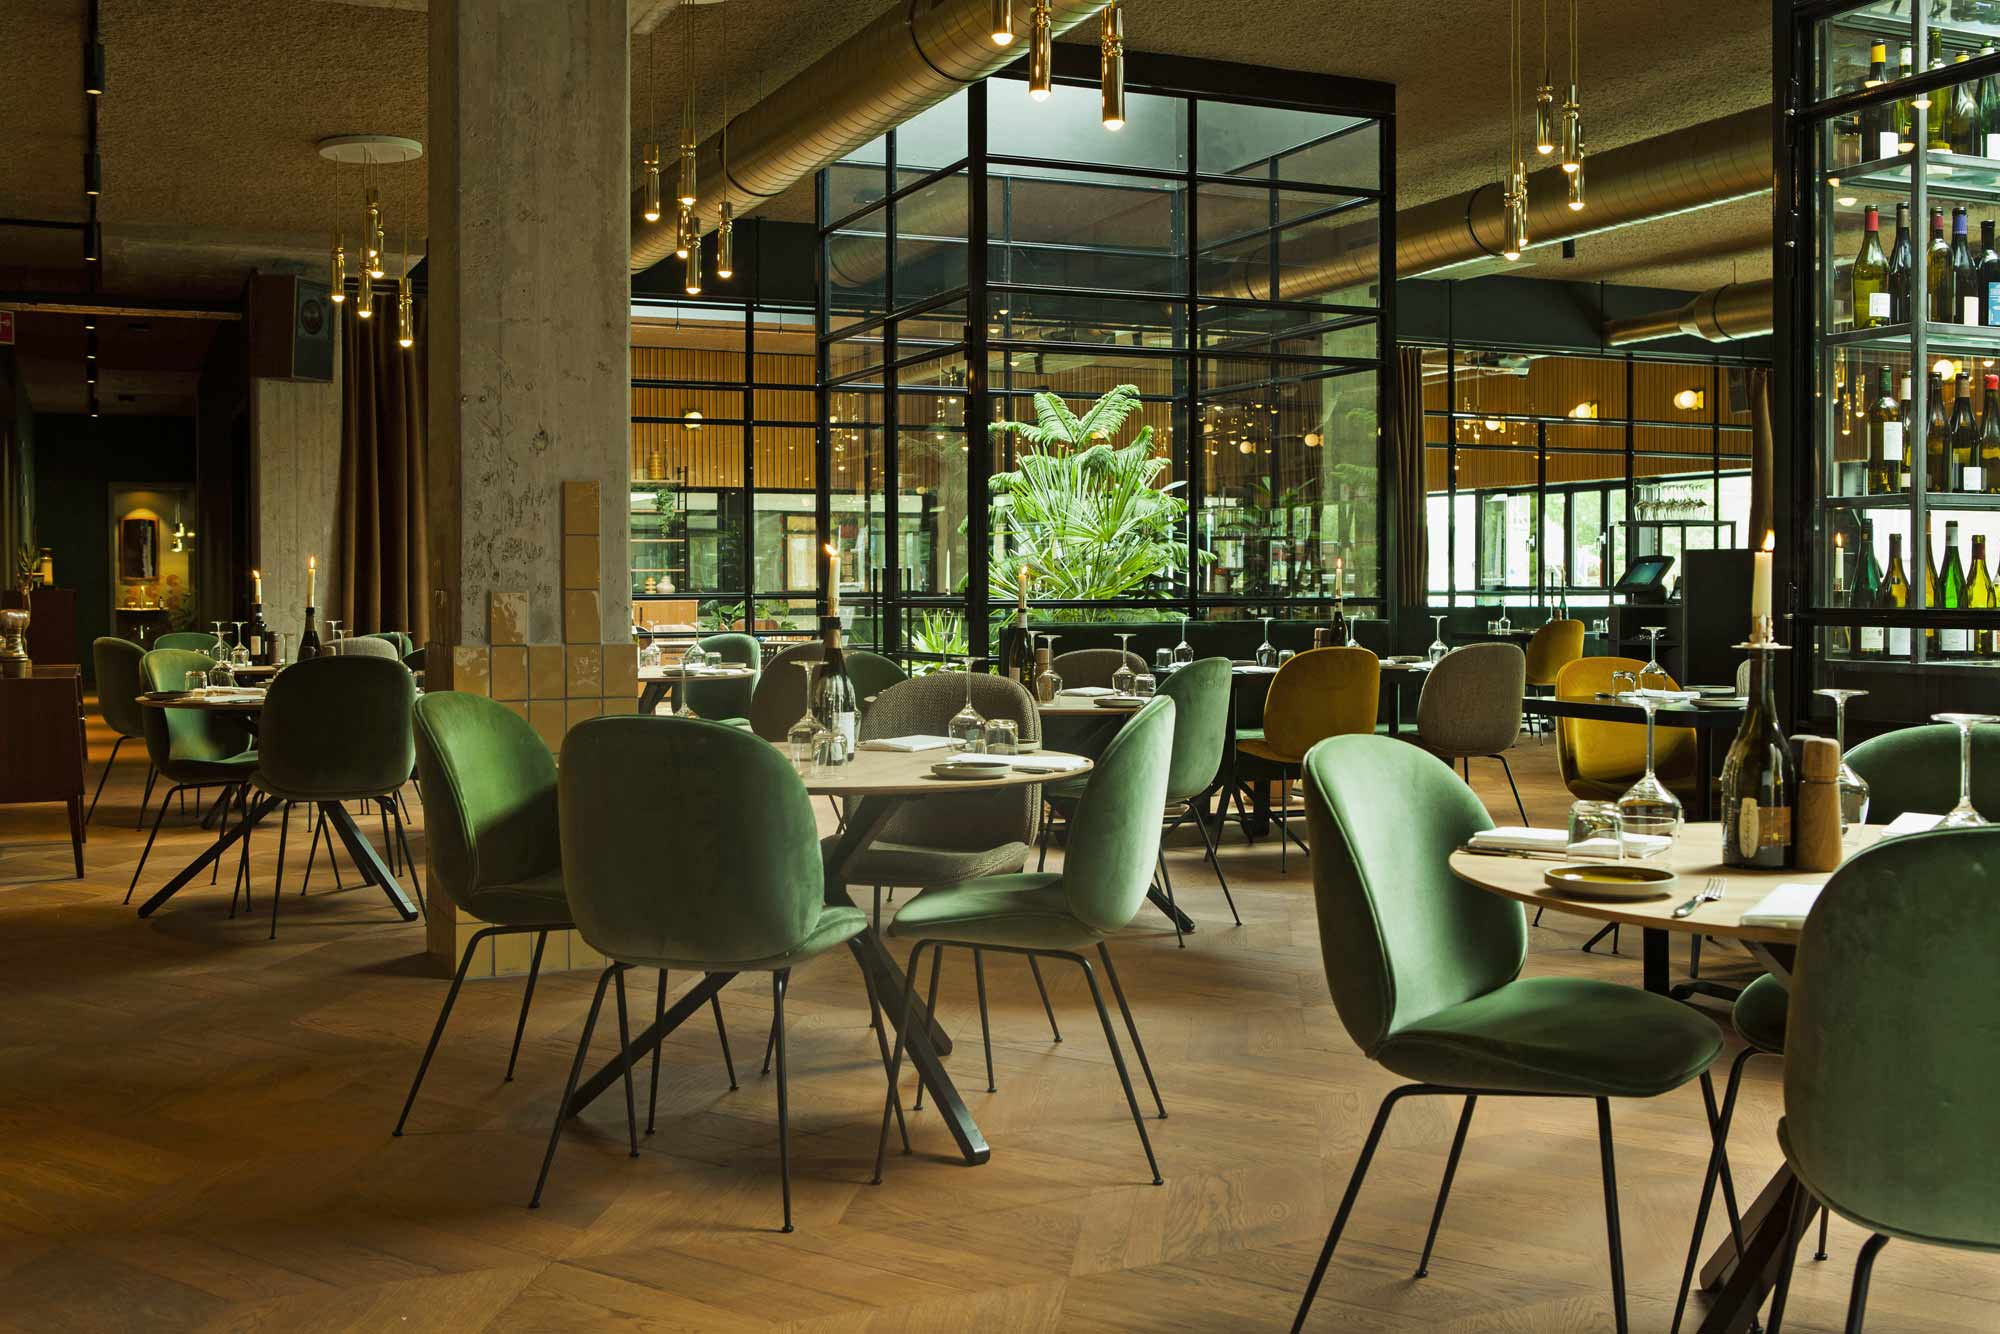 The lobby café-restaurant hotspot